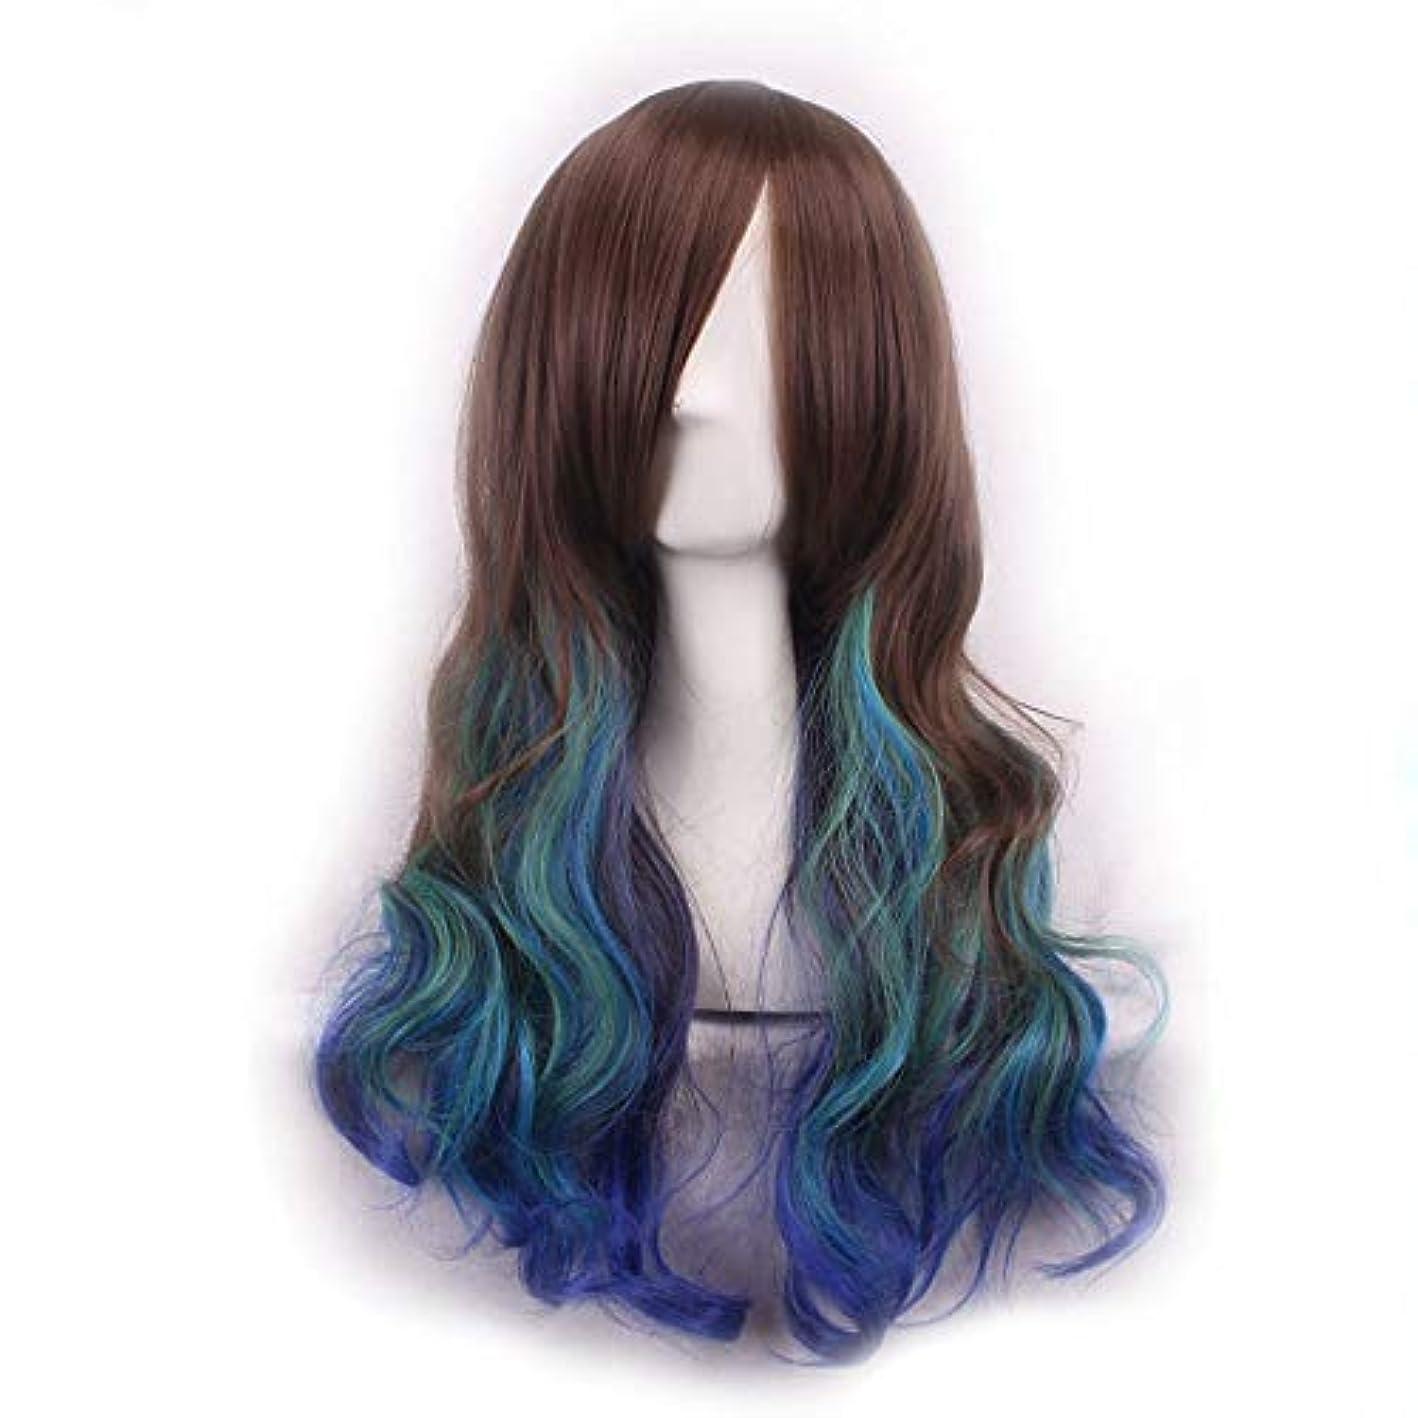 調整判読できない決済かつらキャップでかつらファンシードレスカールかつら女性用高品質合成毛髪コスプレ高密度かつら女性&女の子ブルー、レッド (Color : 青)